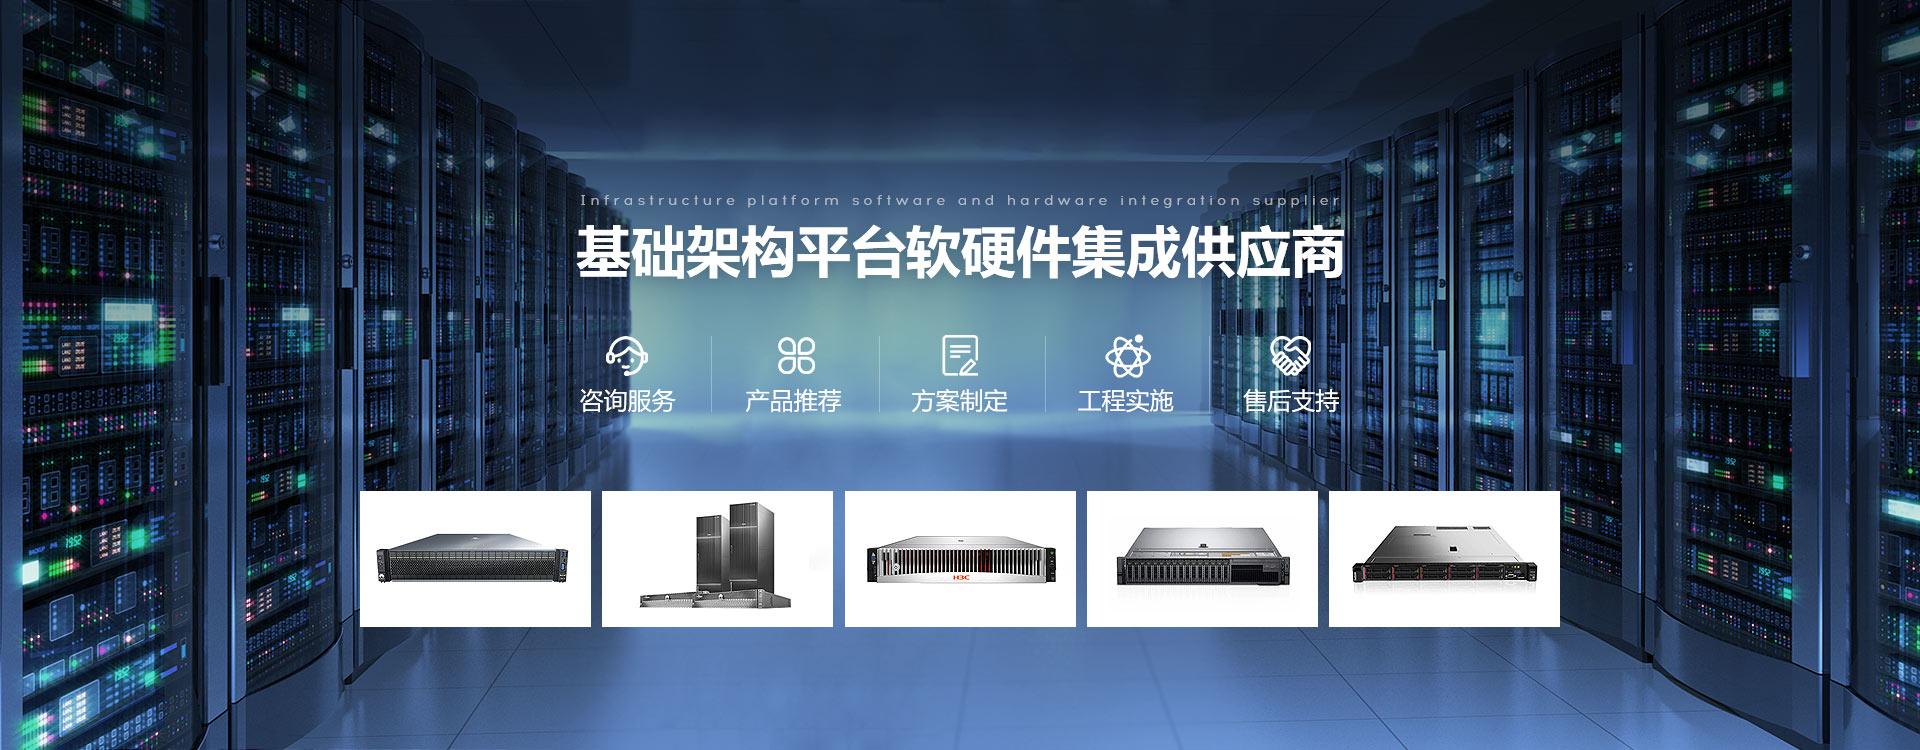 奇摩-基础架构平台软硬件集成供应商